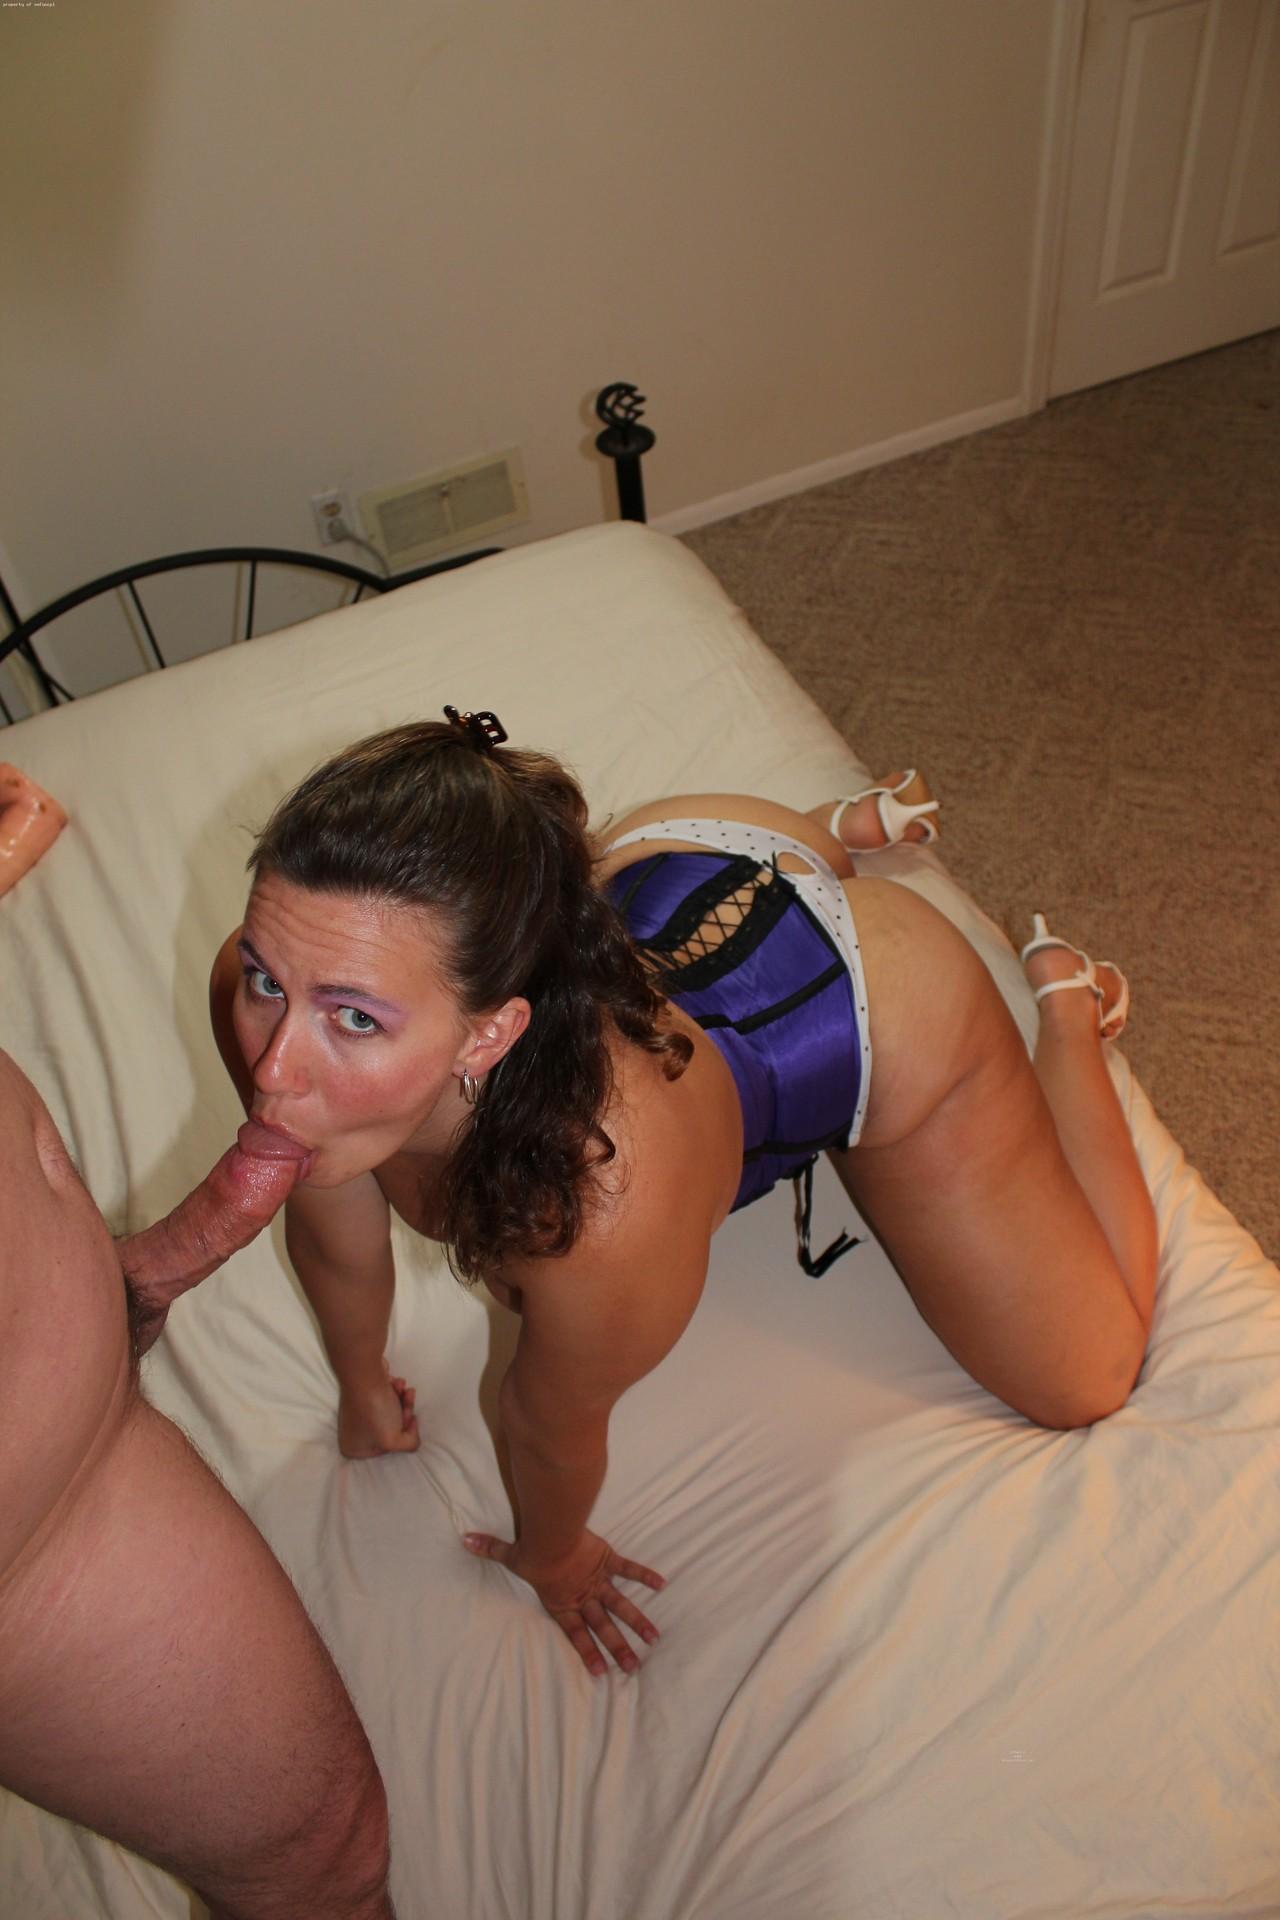 imagen de DesireSexy en el post Megapost Solo las mejores mamadas amateur